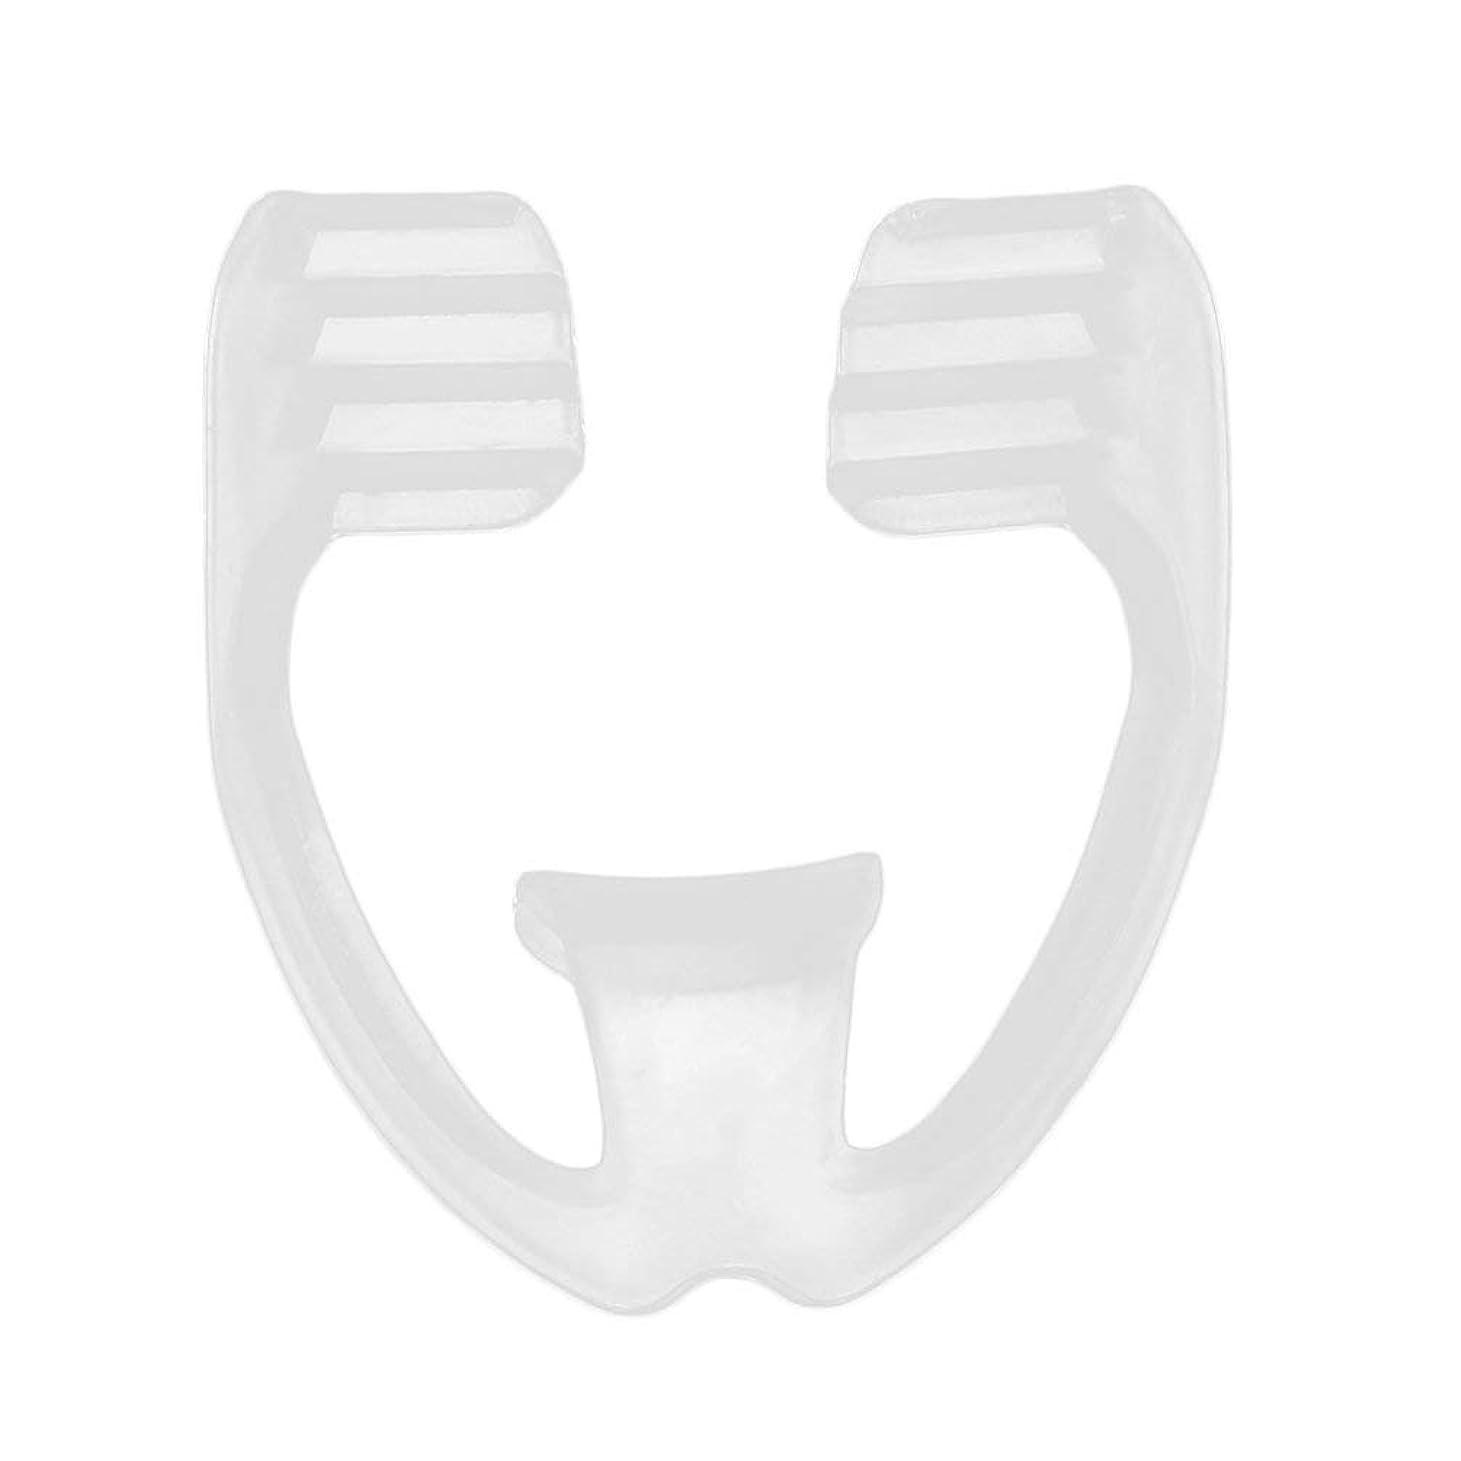 魅力的であることへのアピール犯罪ガイダンスユニバーサルナイトスリープマウスガードストップ歯ひび割れ防止いびきボディヘルスケア睡眠補助ガード - 透明